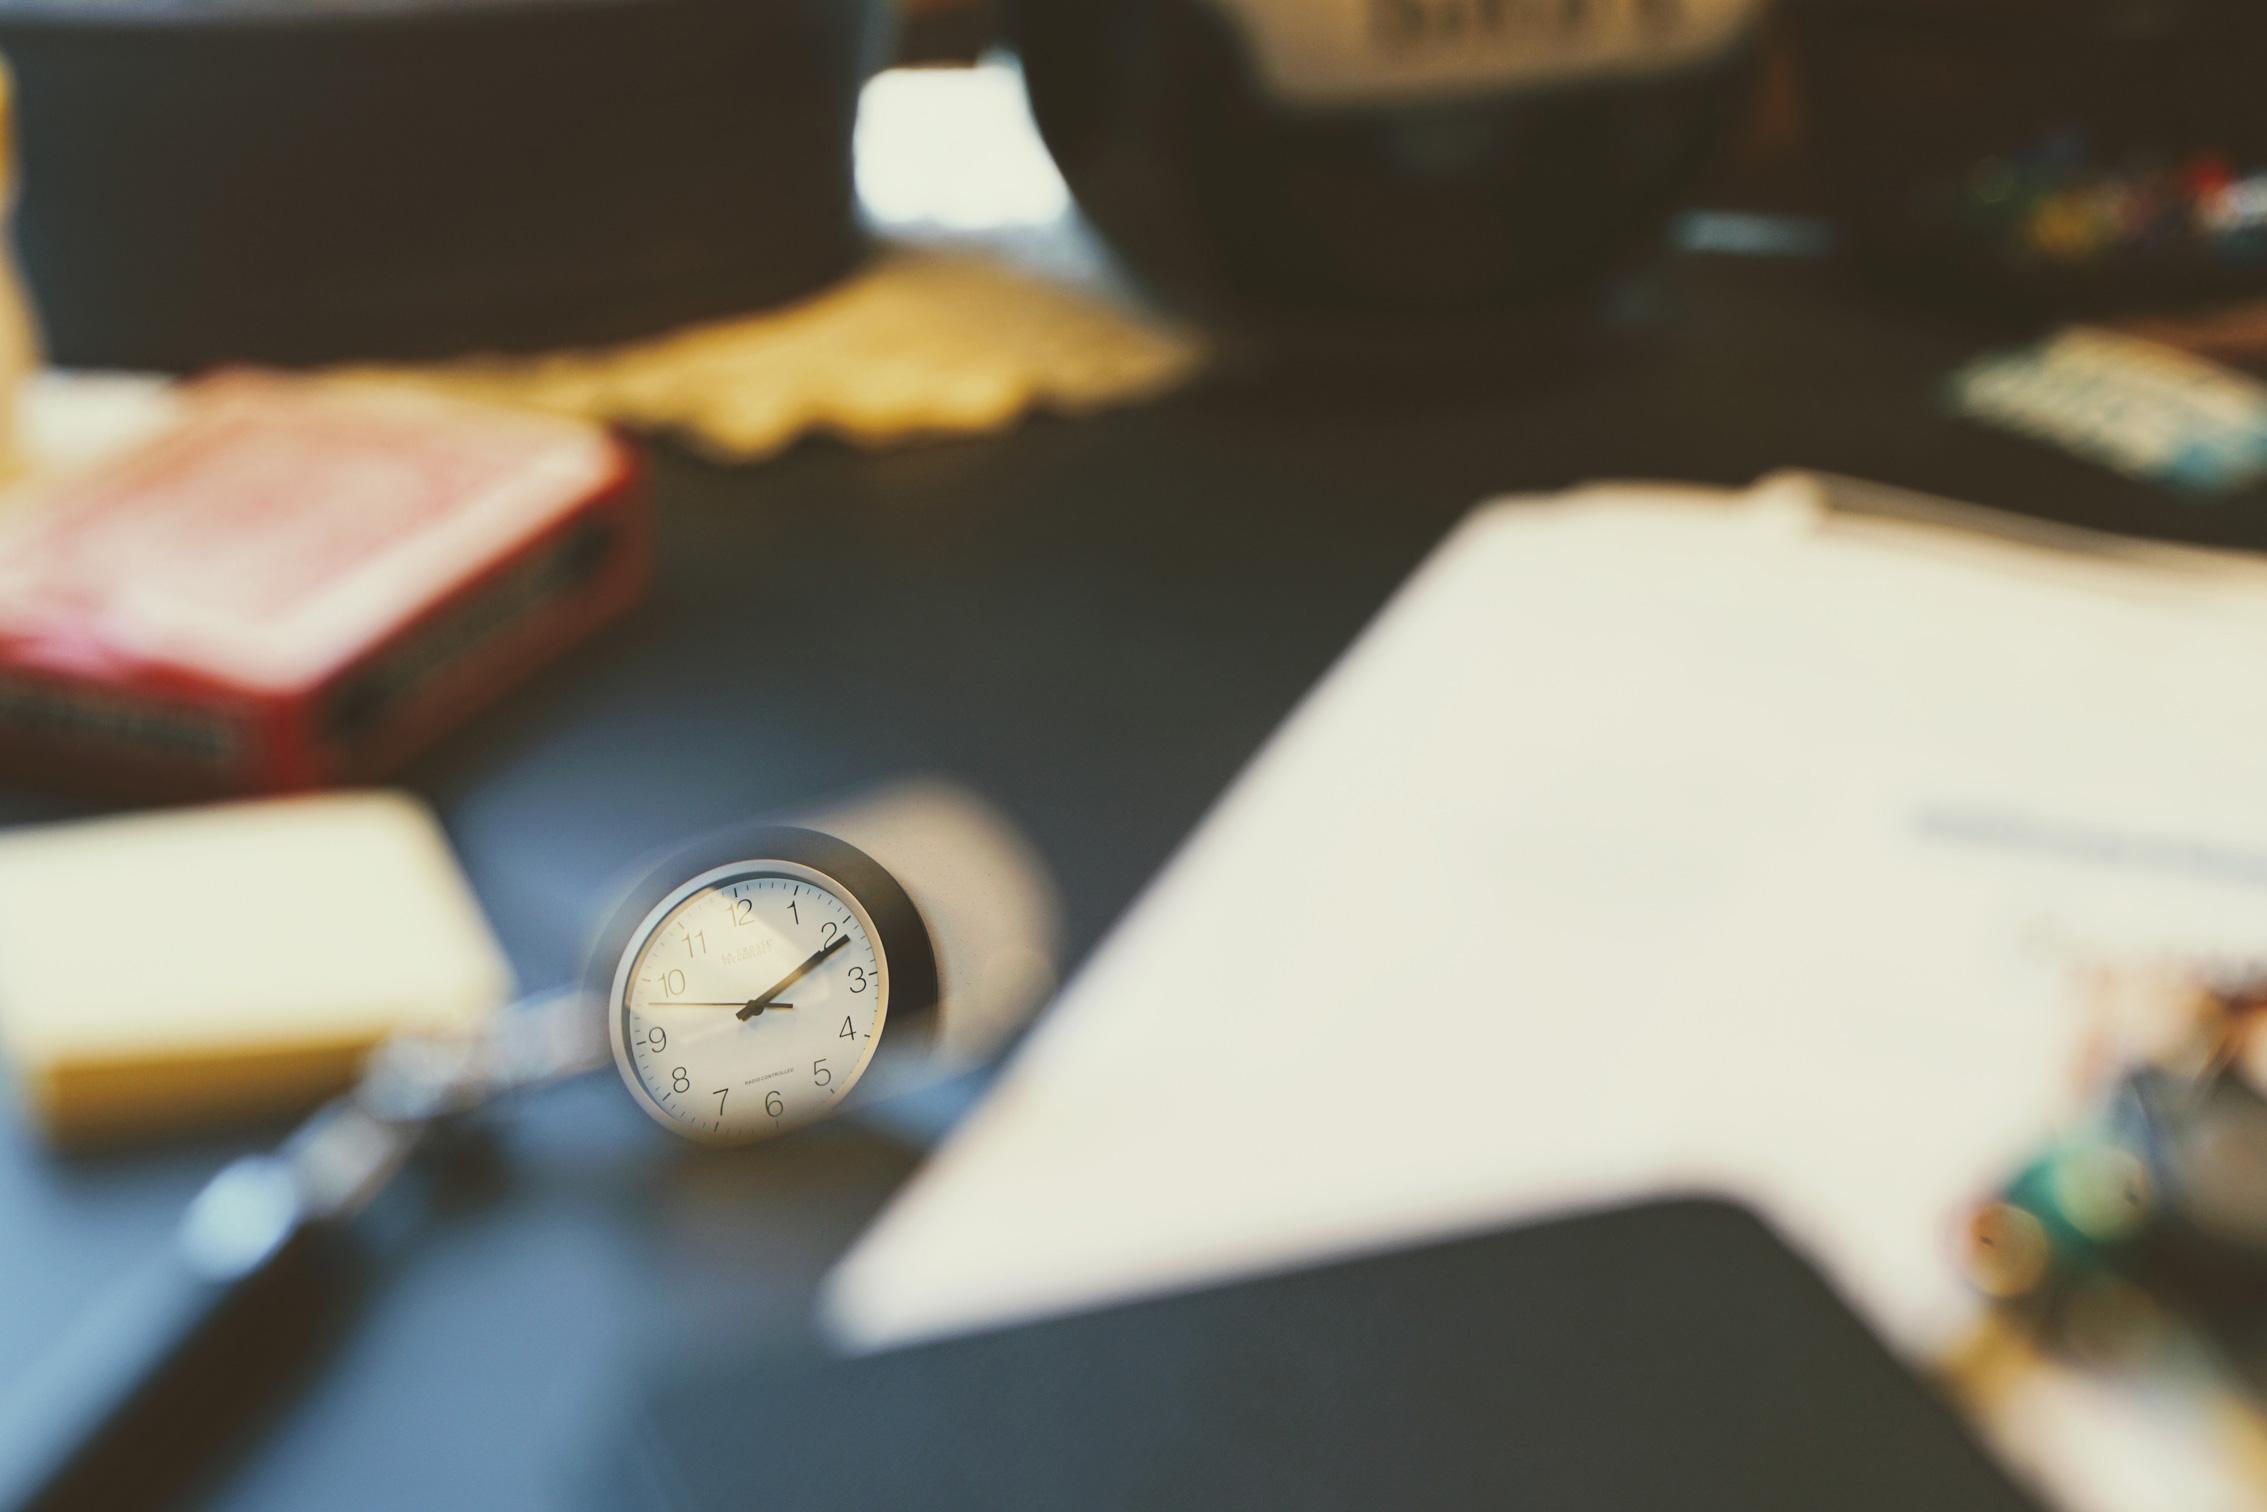 1.11.2019 Kuidas hoida tähelepanu kaks sekundit, kuidas kaks minutit või kaks tundi? Mis loob meelerahu ja mida teha, et olla paremas vaimses vormis? Stuudios on psühholoog Helena Väljaste ja saatejuht Kadri Tammepuu.